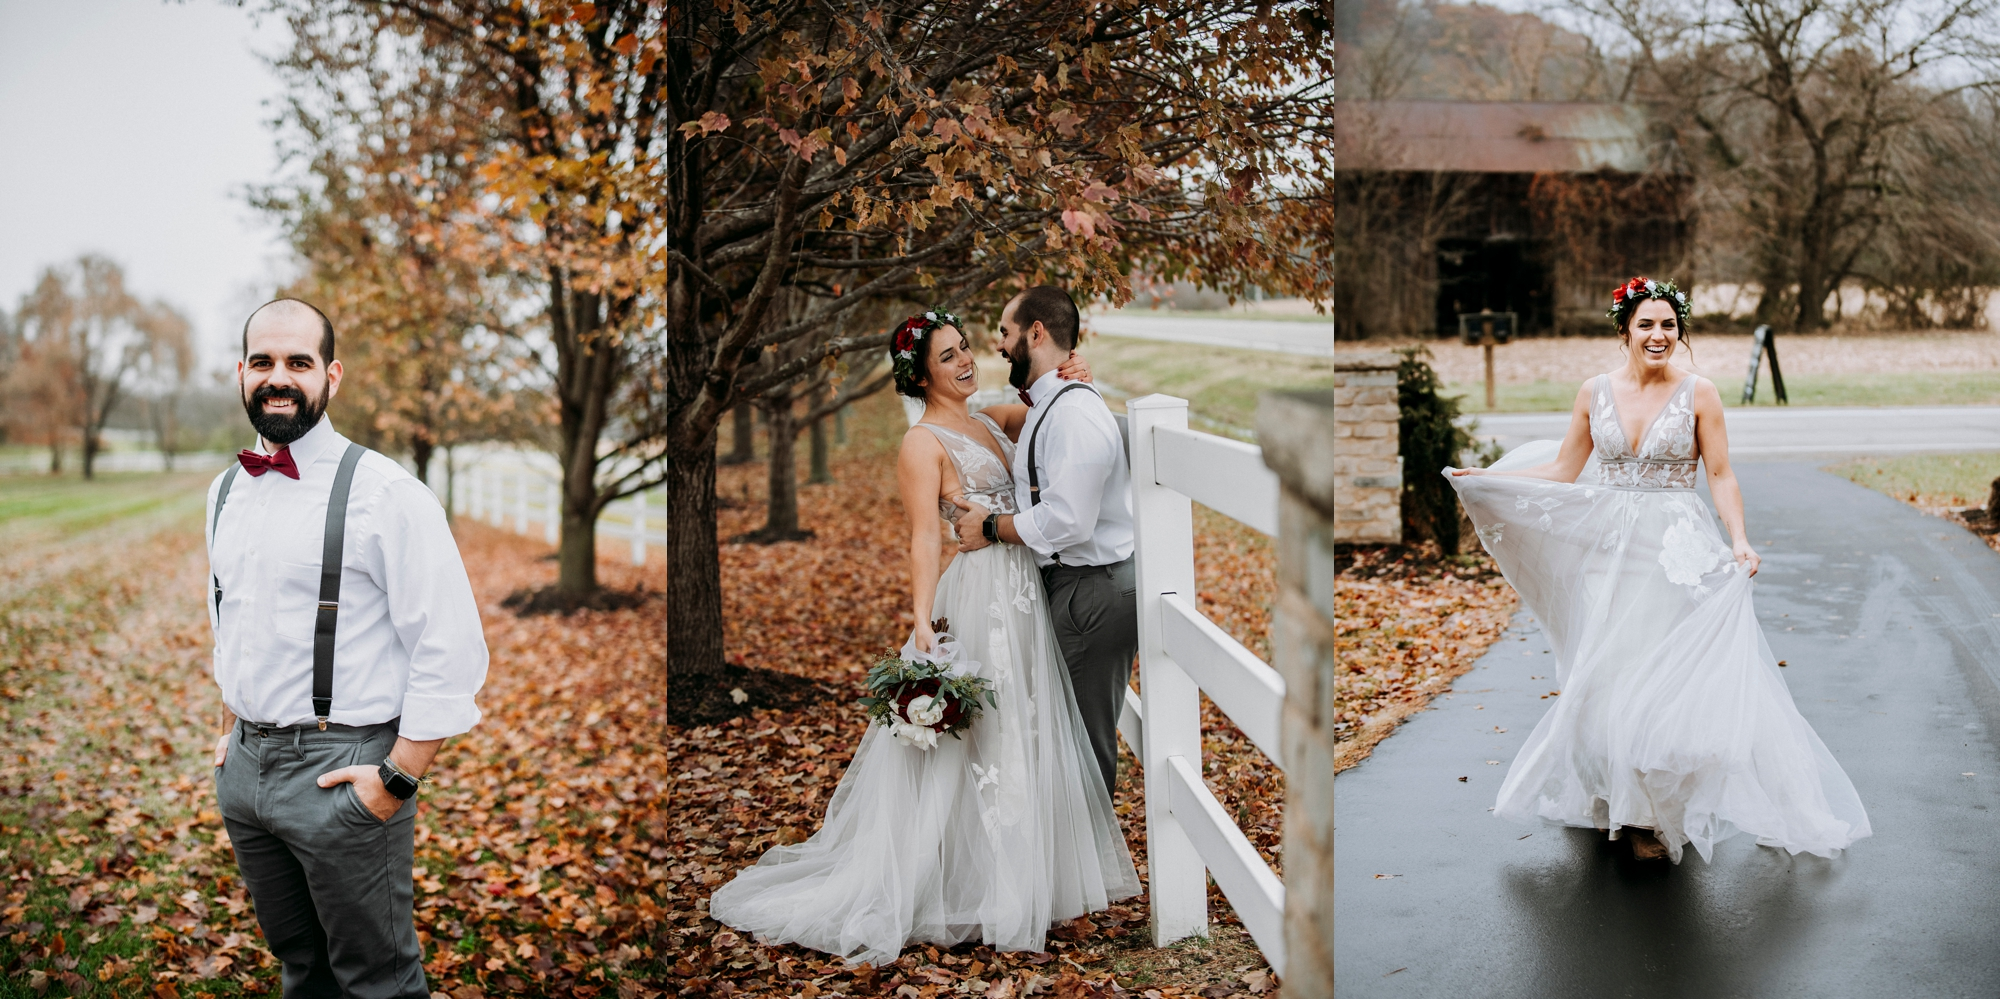 ethical-destination-wedding-stlouis_0048.jpg